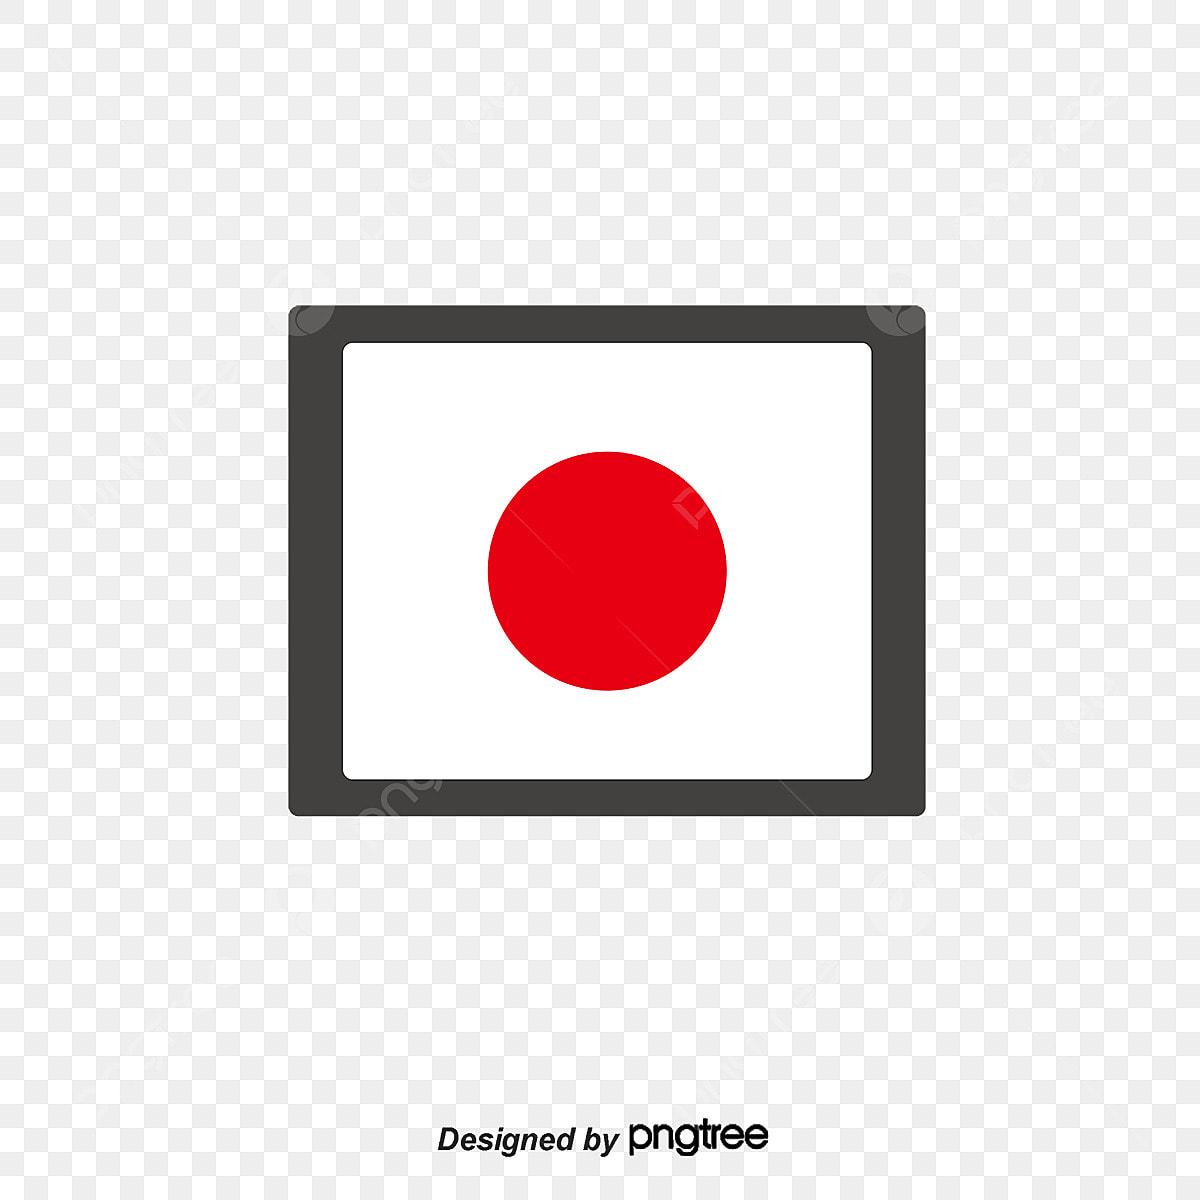 Bandera Japonesa En Estilo Rojo Y Blanco Simple Bandera Nacional